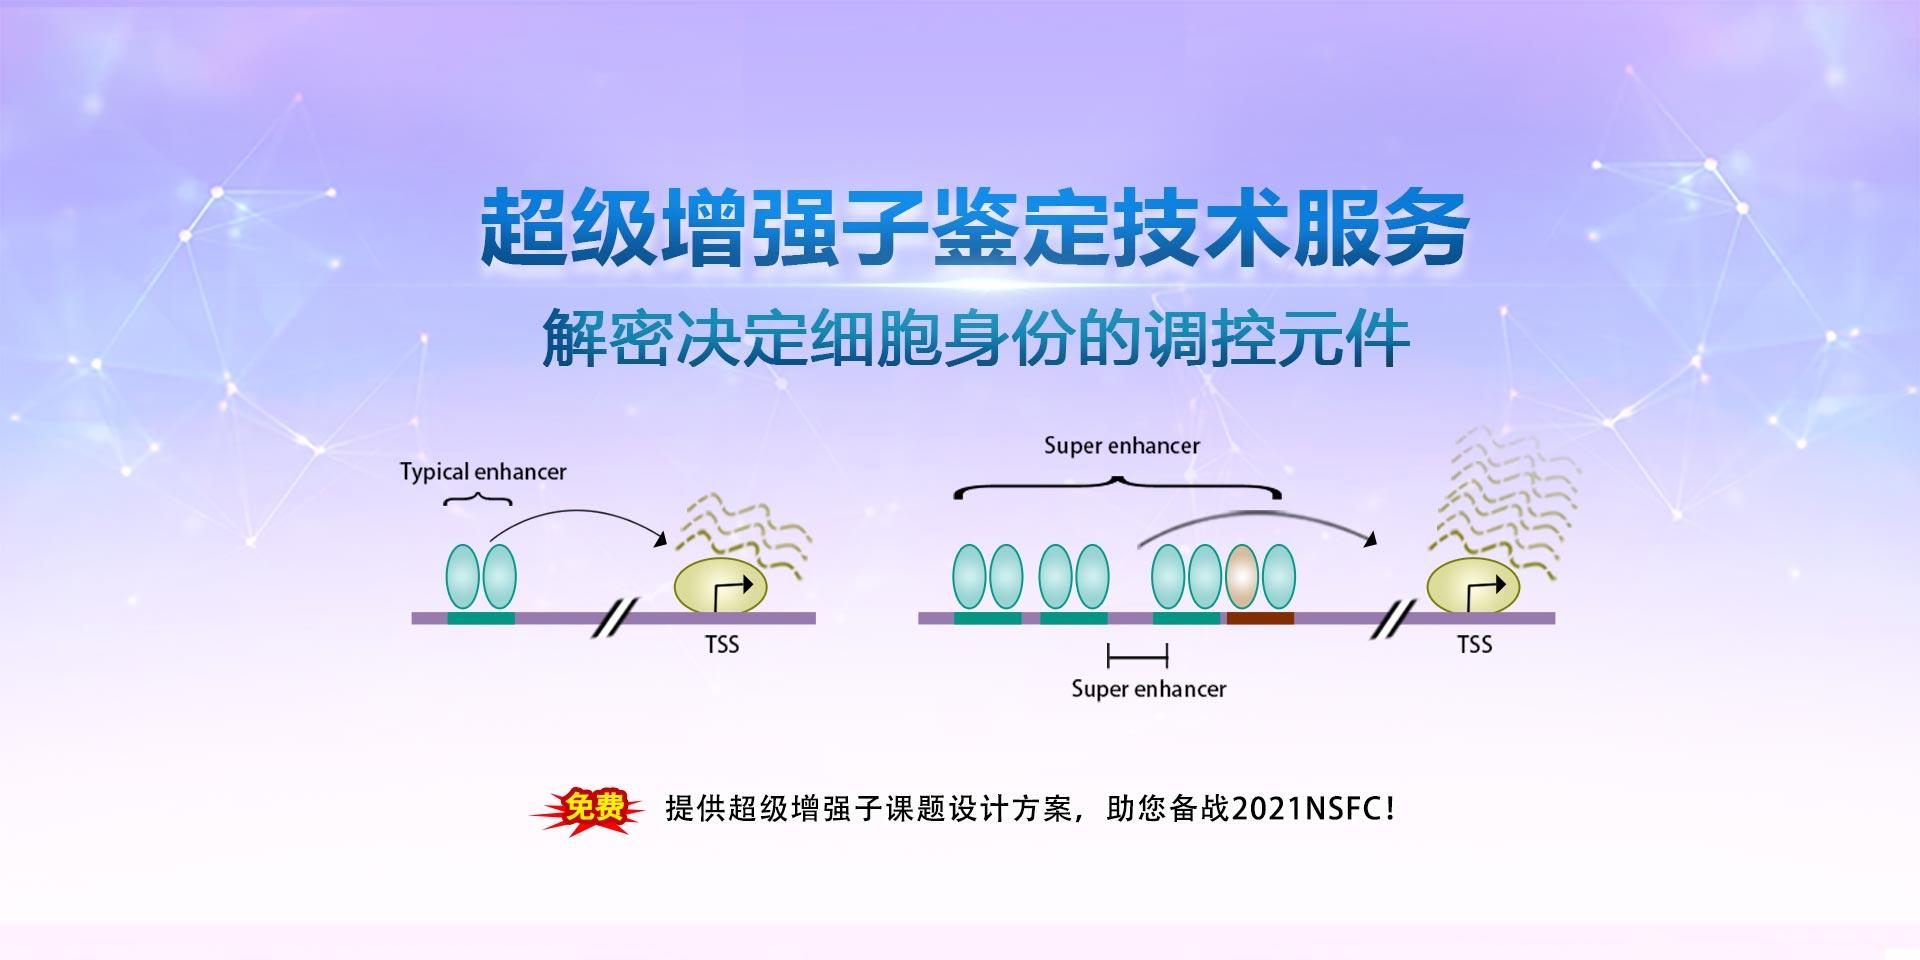 广州表观生物科技有限公司-69-7轮播图